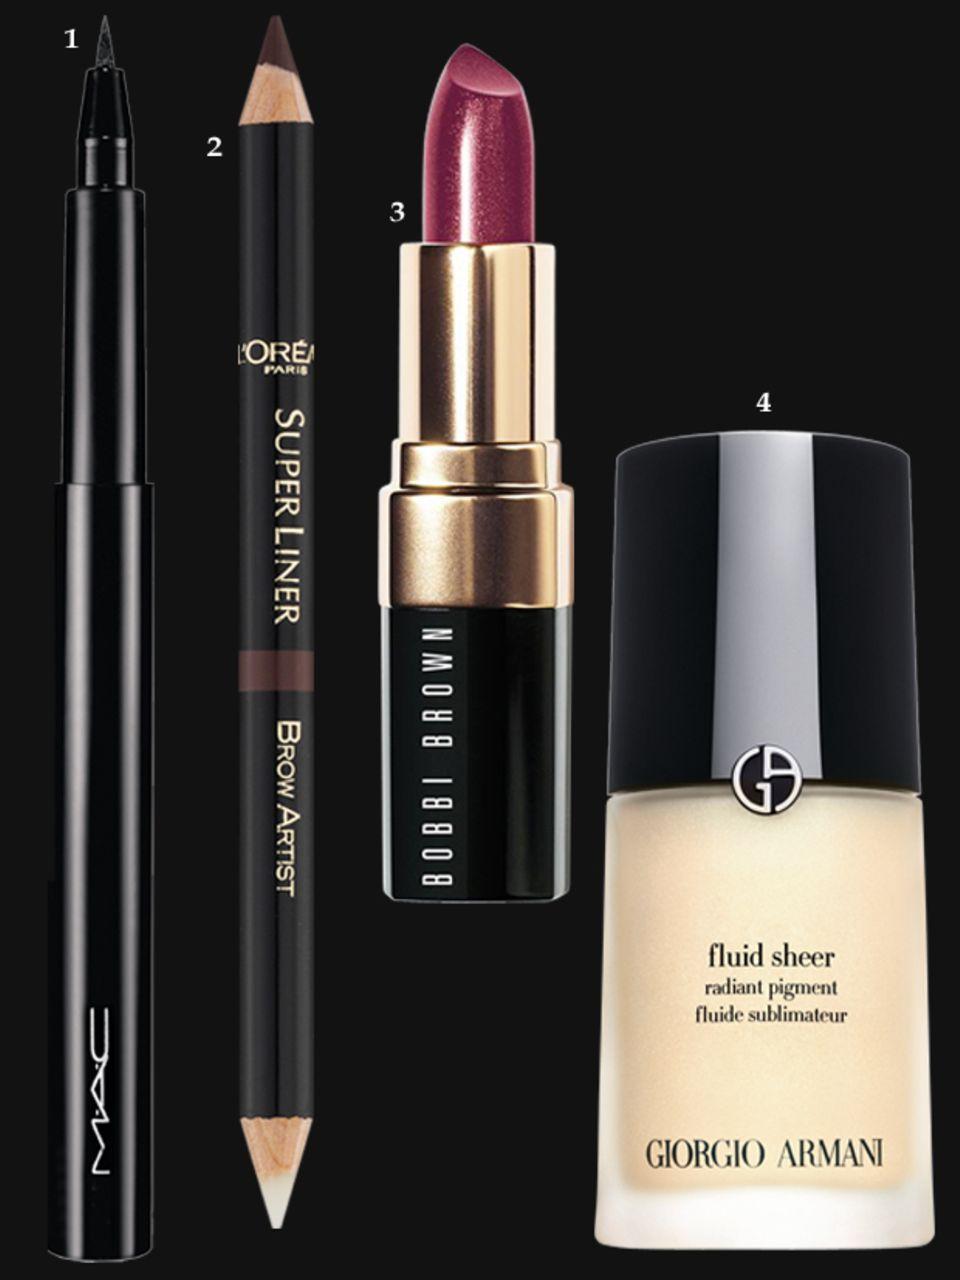 """1. Schwarzer Flüssig-Eyeliner """"Penultimate"""" von Mac, ca. 21 Euro; 2. """"Brow Artist Shaper Augenbrauenstift – Brunette 03"""" von L'Oréal Paris, ca. 9 Euro; 3. """"Shimmer Lip Color – Ruby Shimmer"""" von Bobbi Brown, ca. 25 Euro; 4. Highlighter: """"Fluid Sheer Radiant Pigment"""" von Giorgio Armani, 30 ml, ca. 50 Euro"""